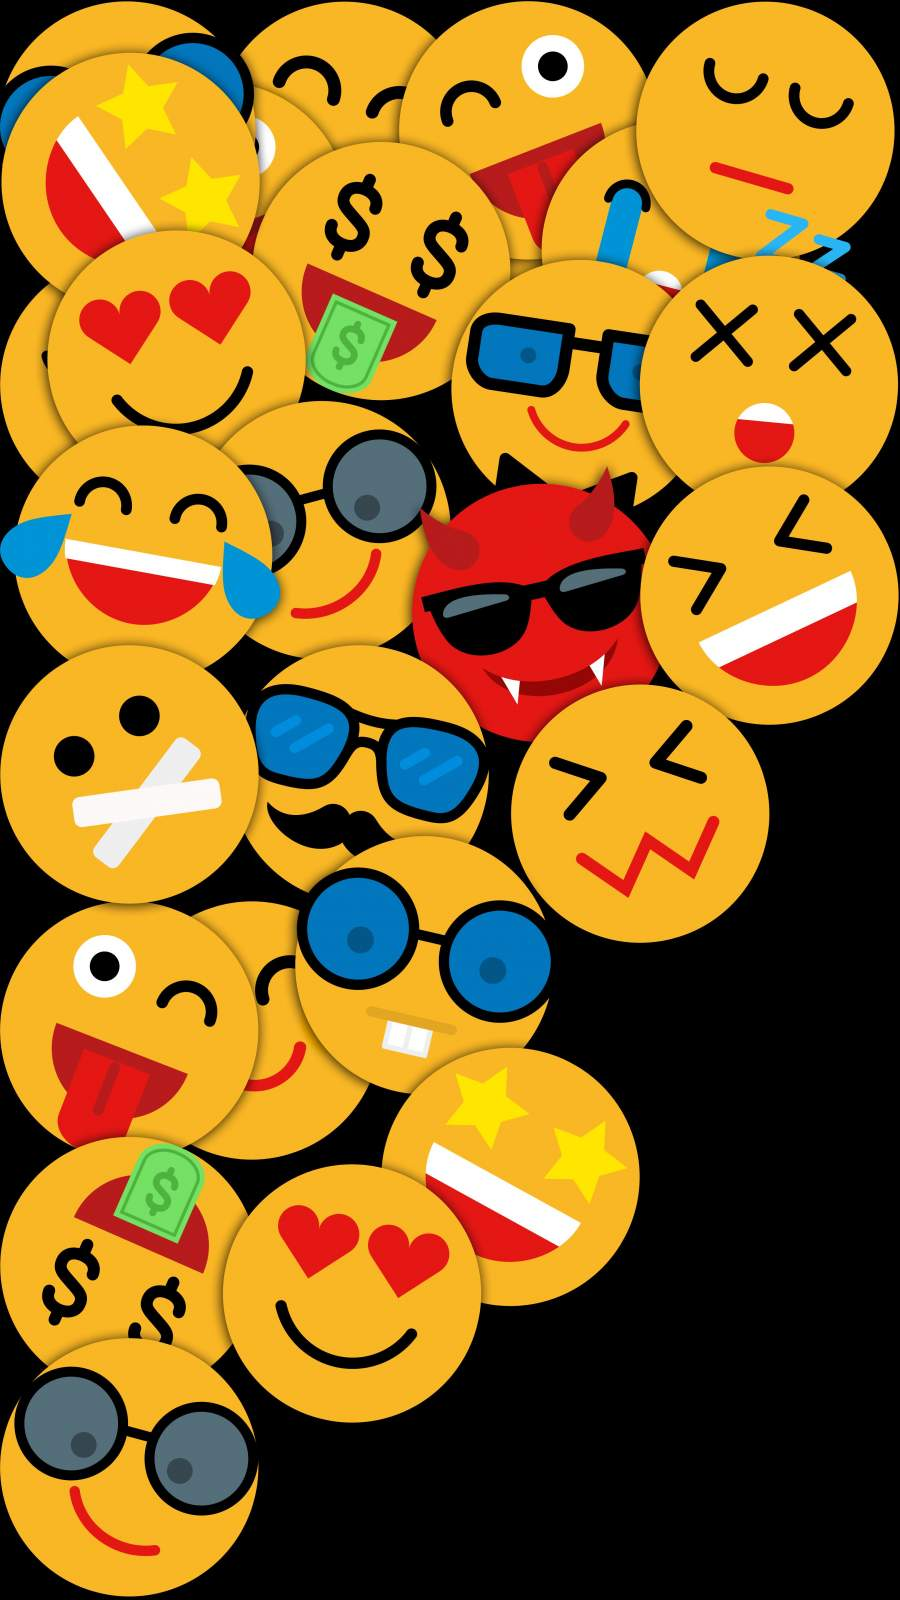 Smiley iPhone Wallpaper 1